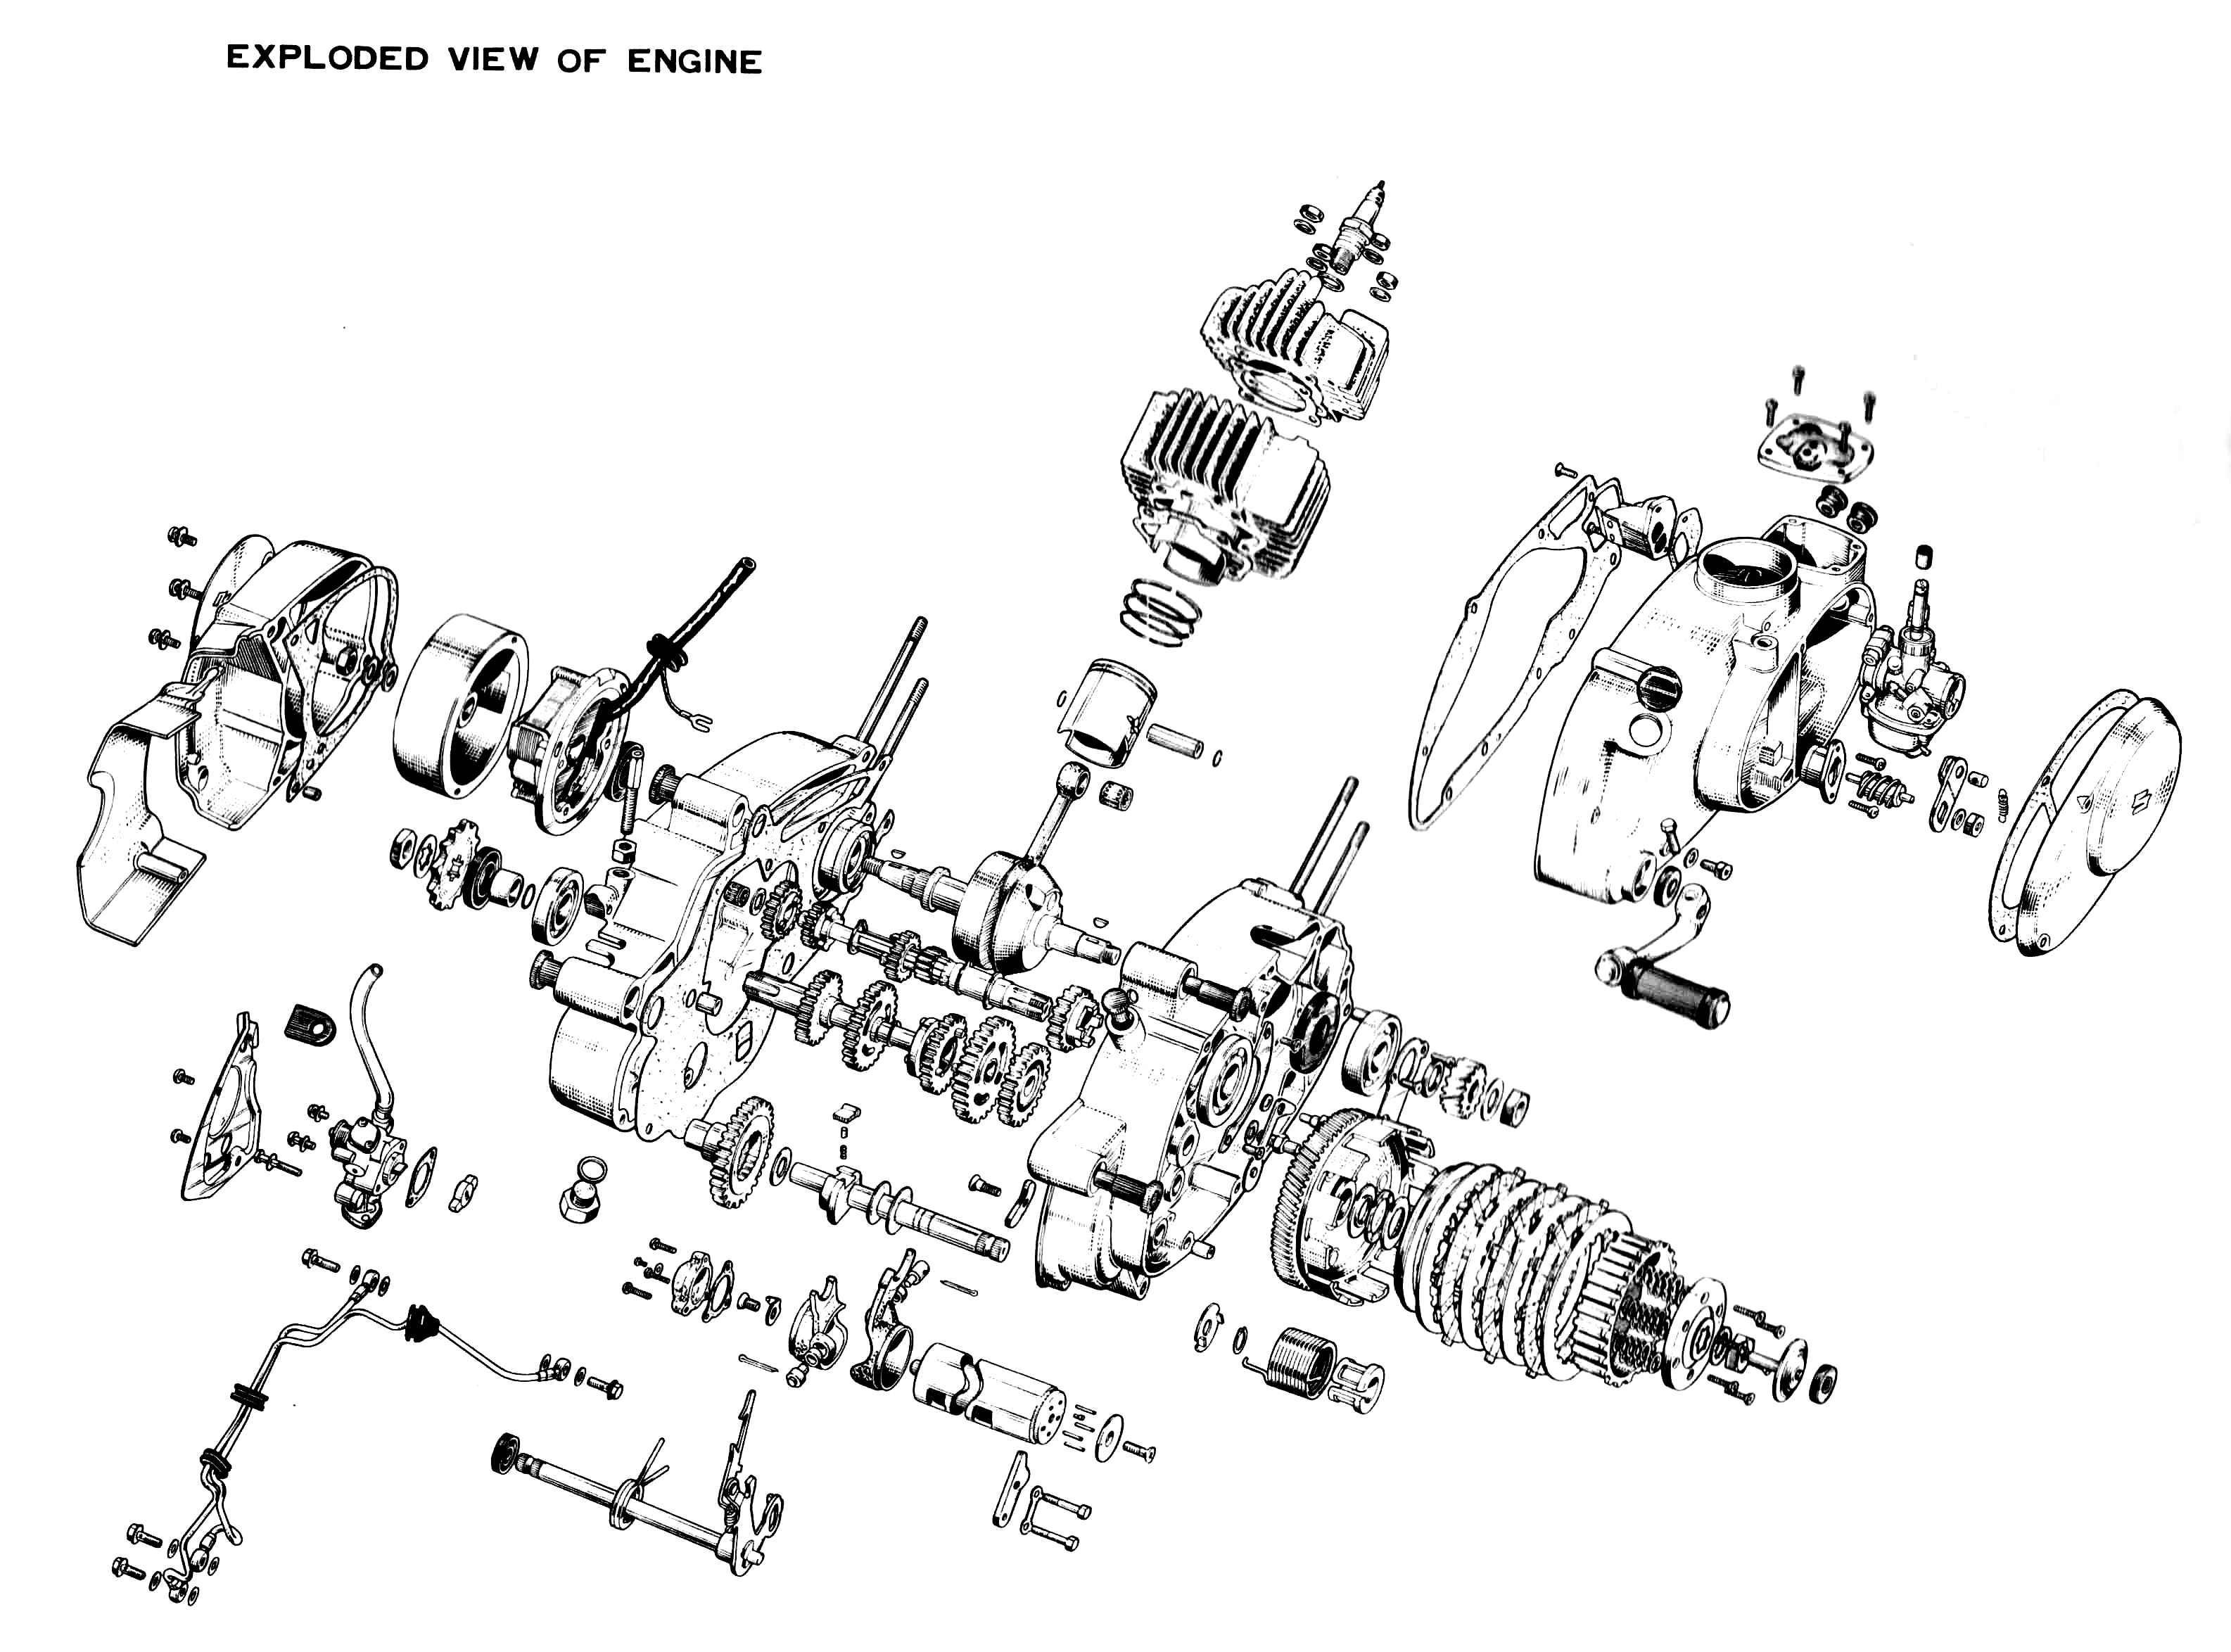 Explosionszeichnung Von Motoren